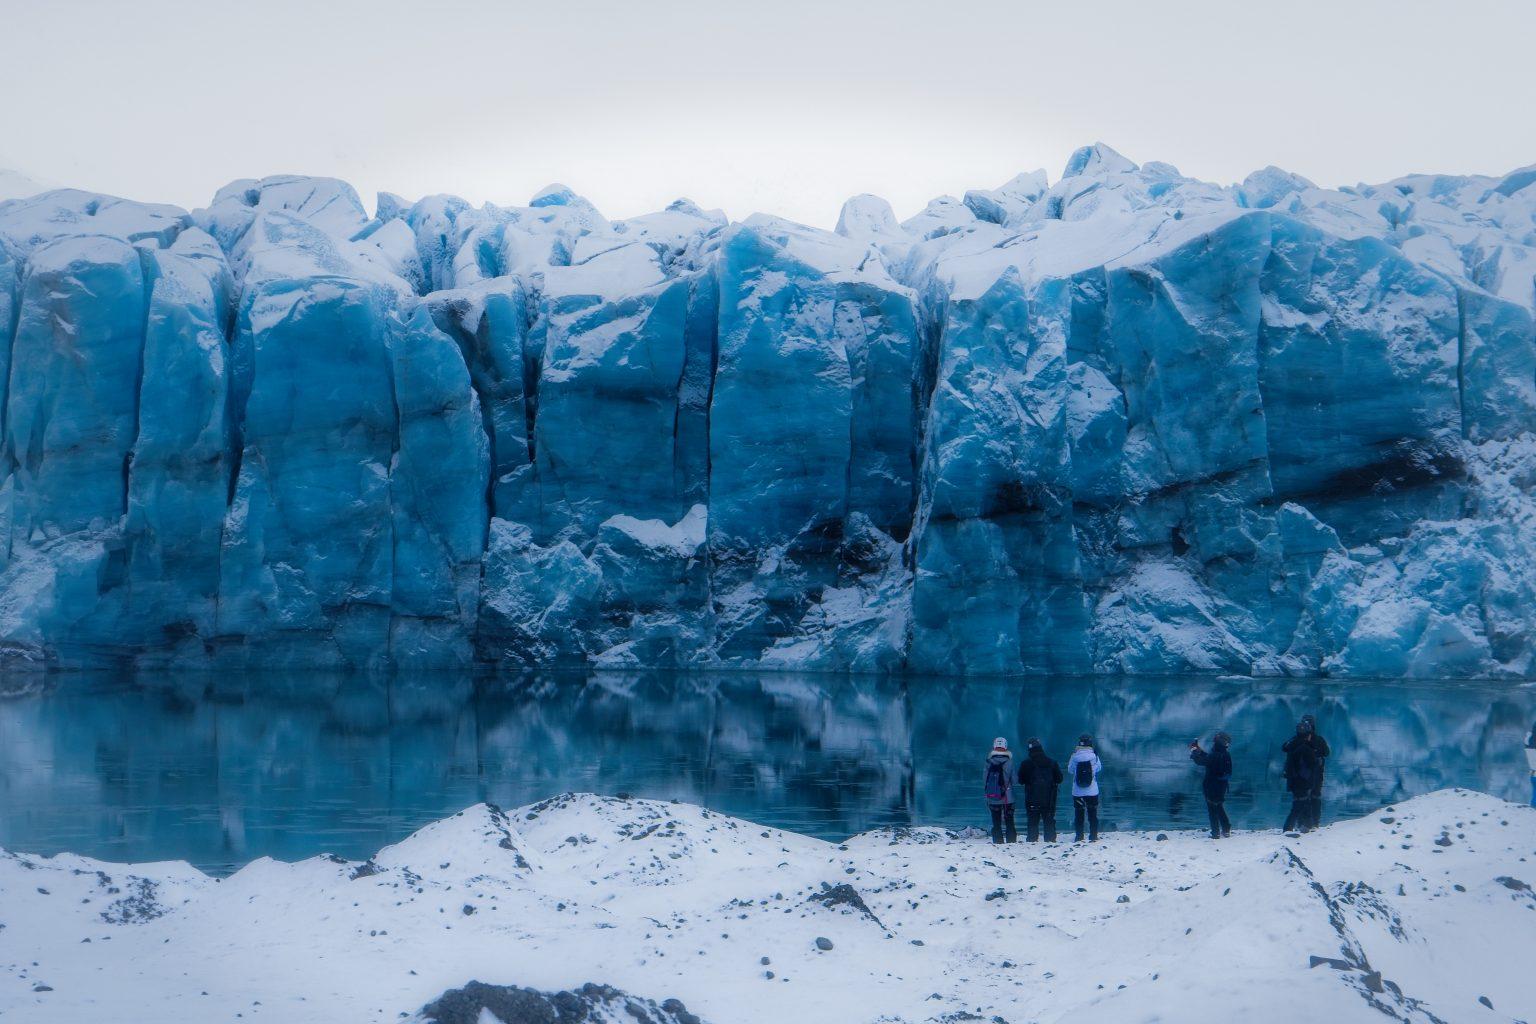 Blue Iceland ice cave tour by Jökulsárlón (Glacier Lagoon).